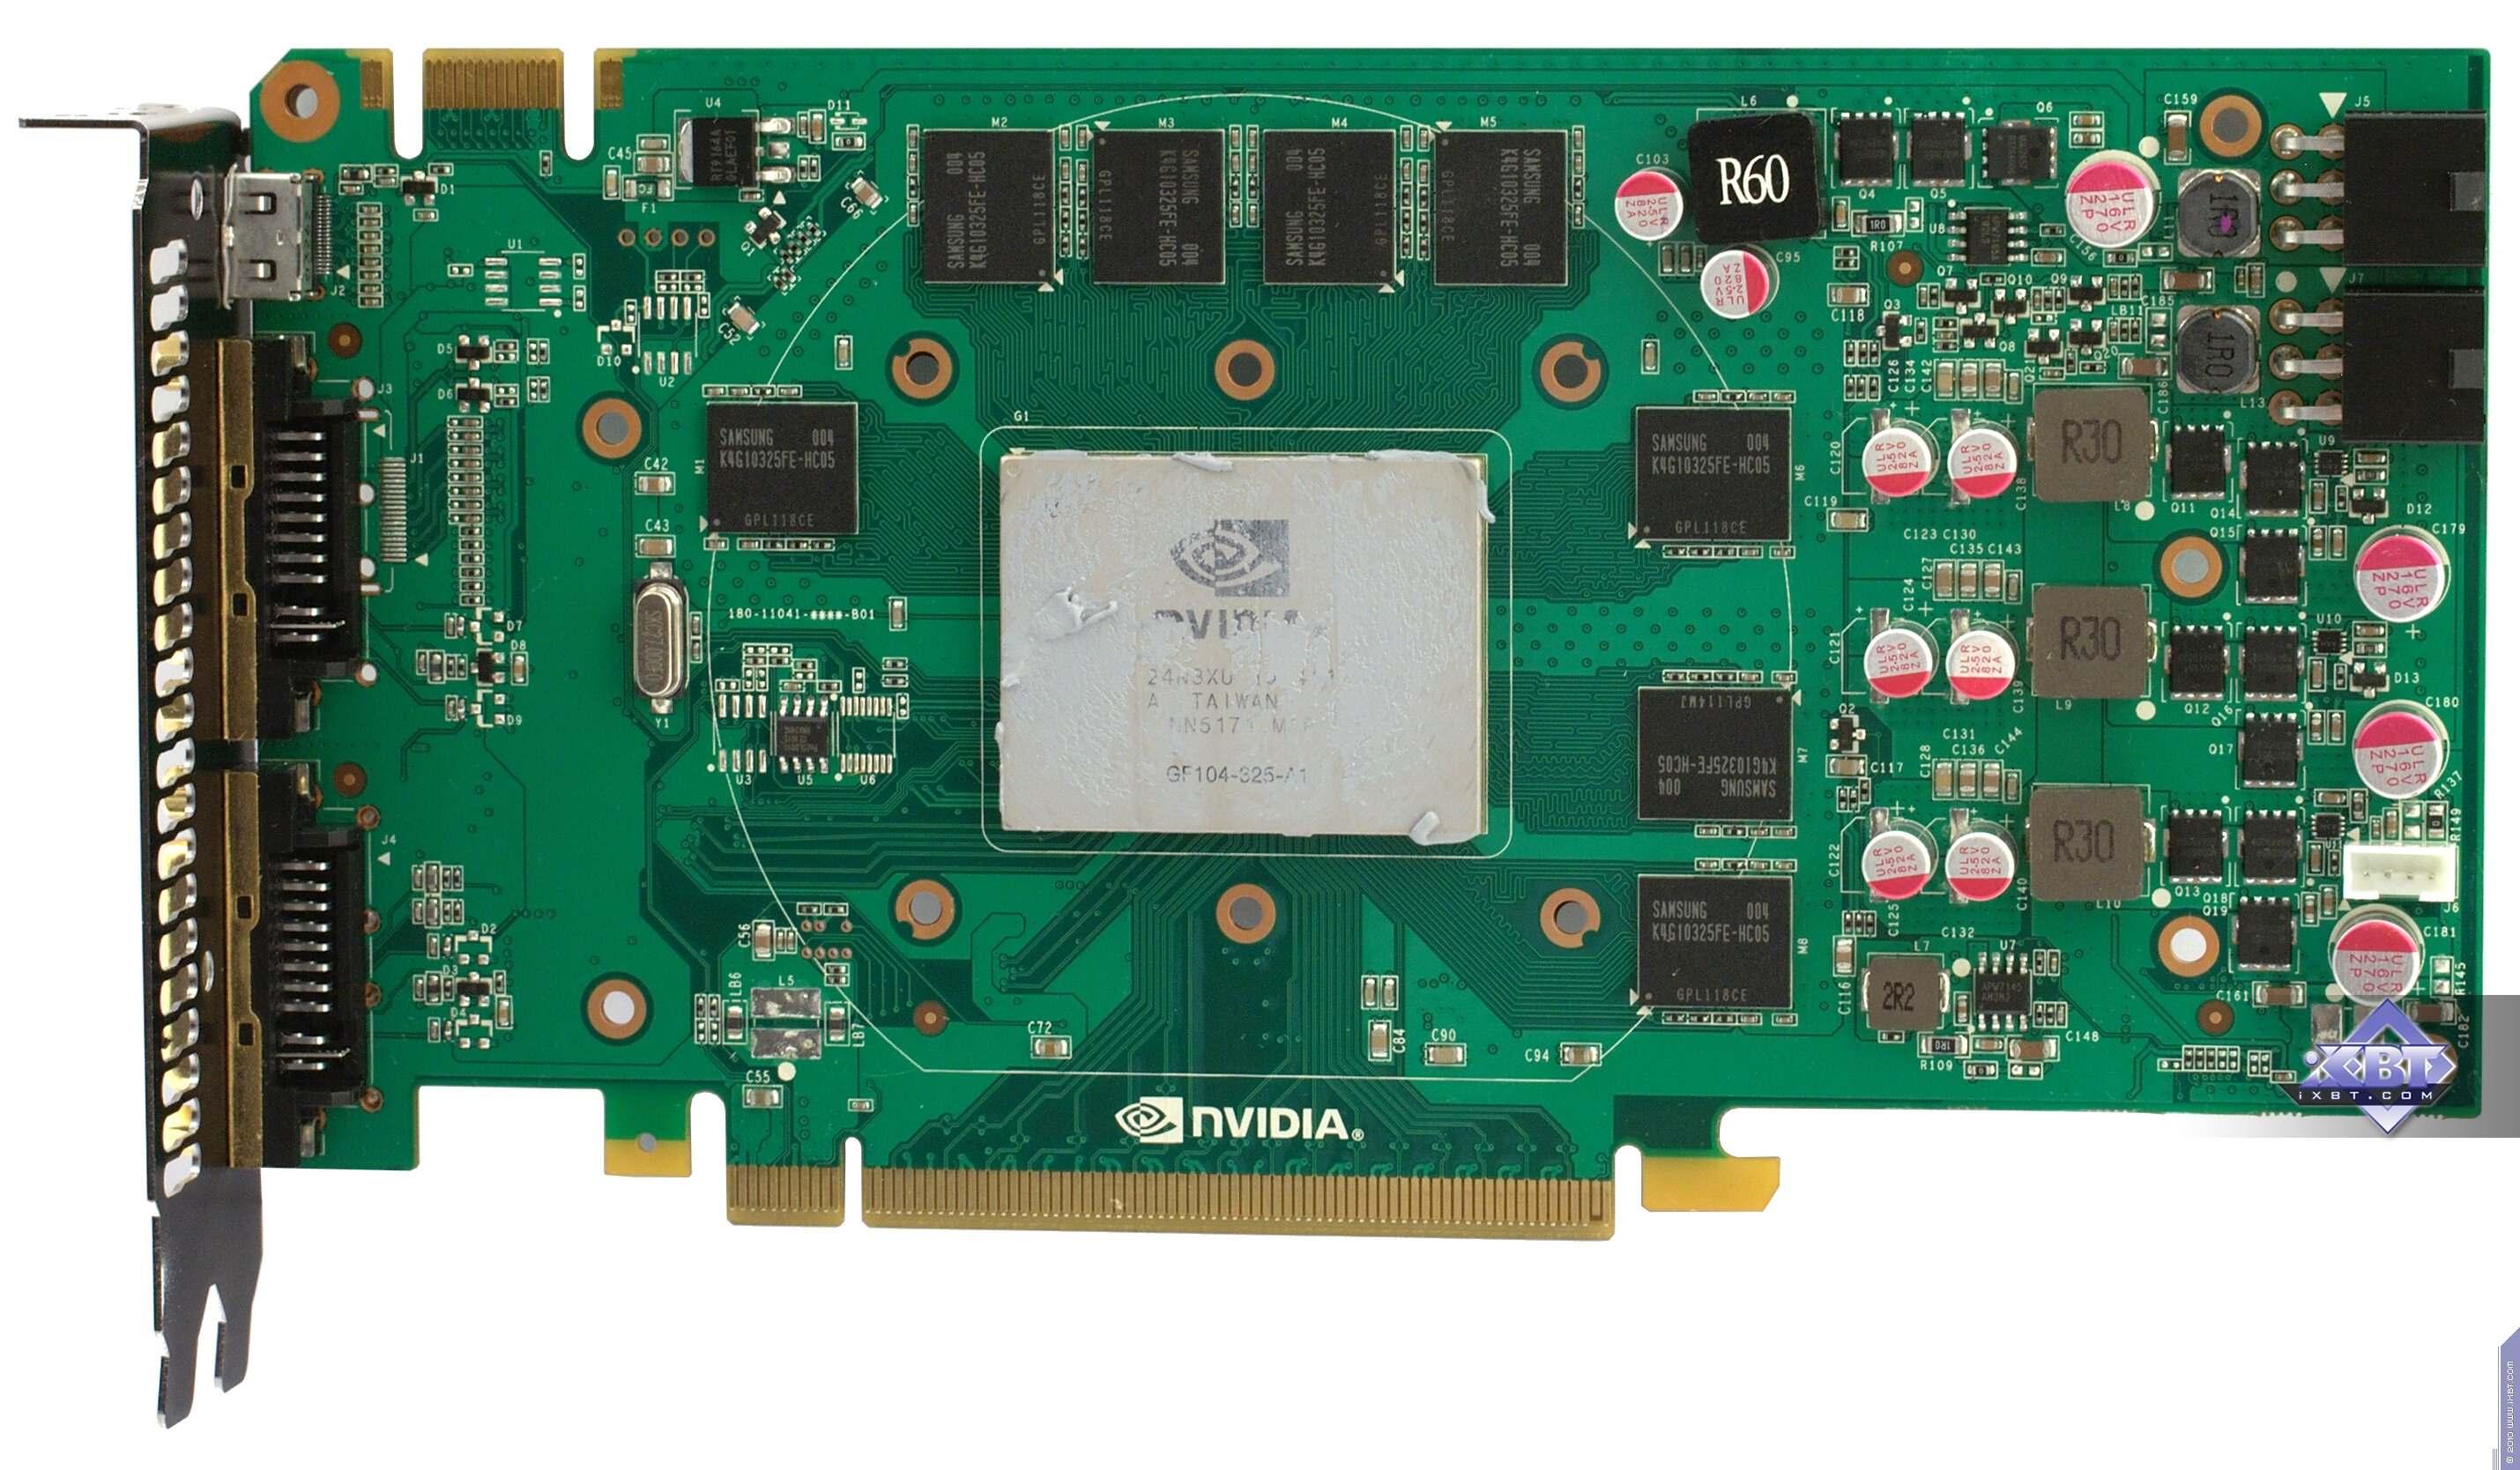 Купить видеокарту geforce gtx 460 768 мбайт куда можно вывести биткоины